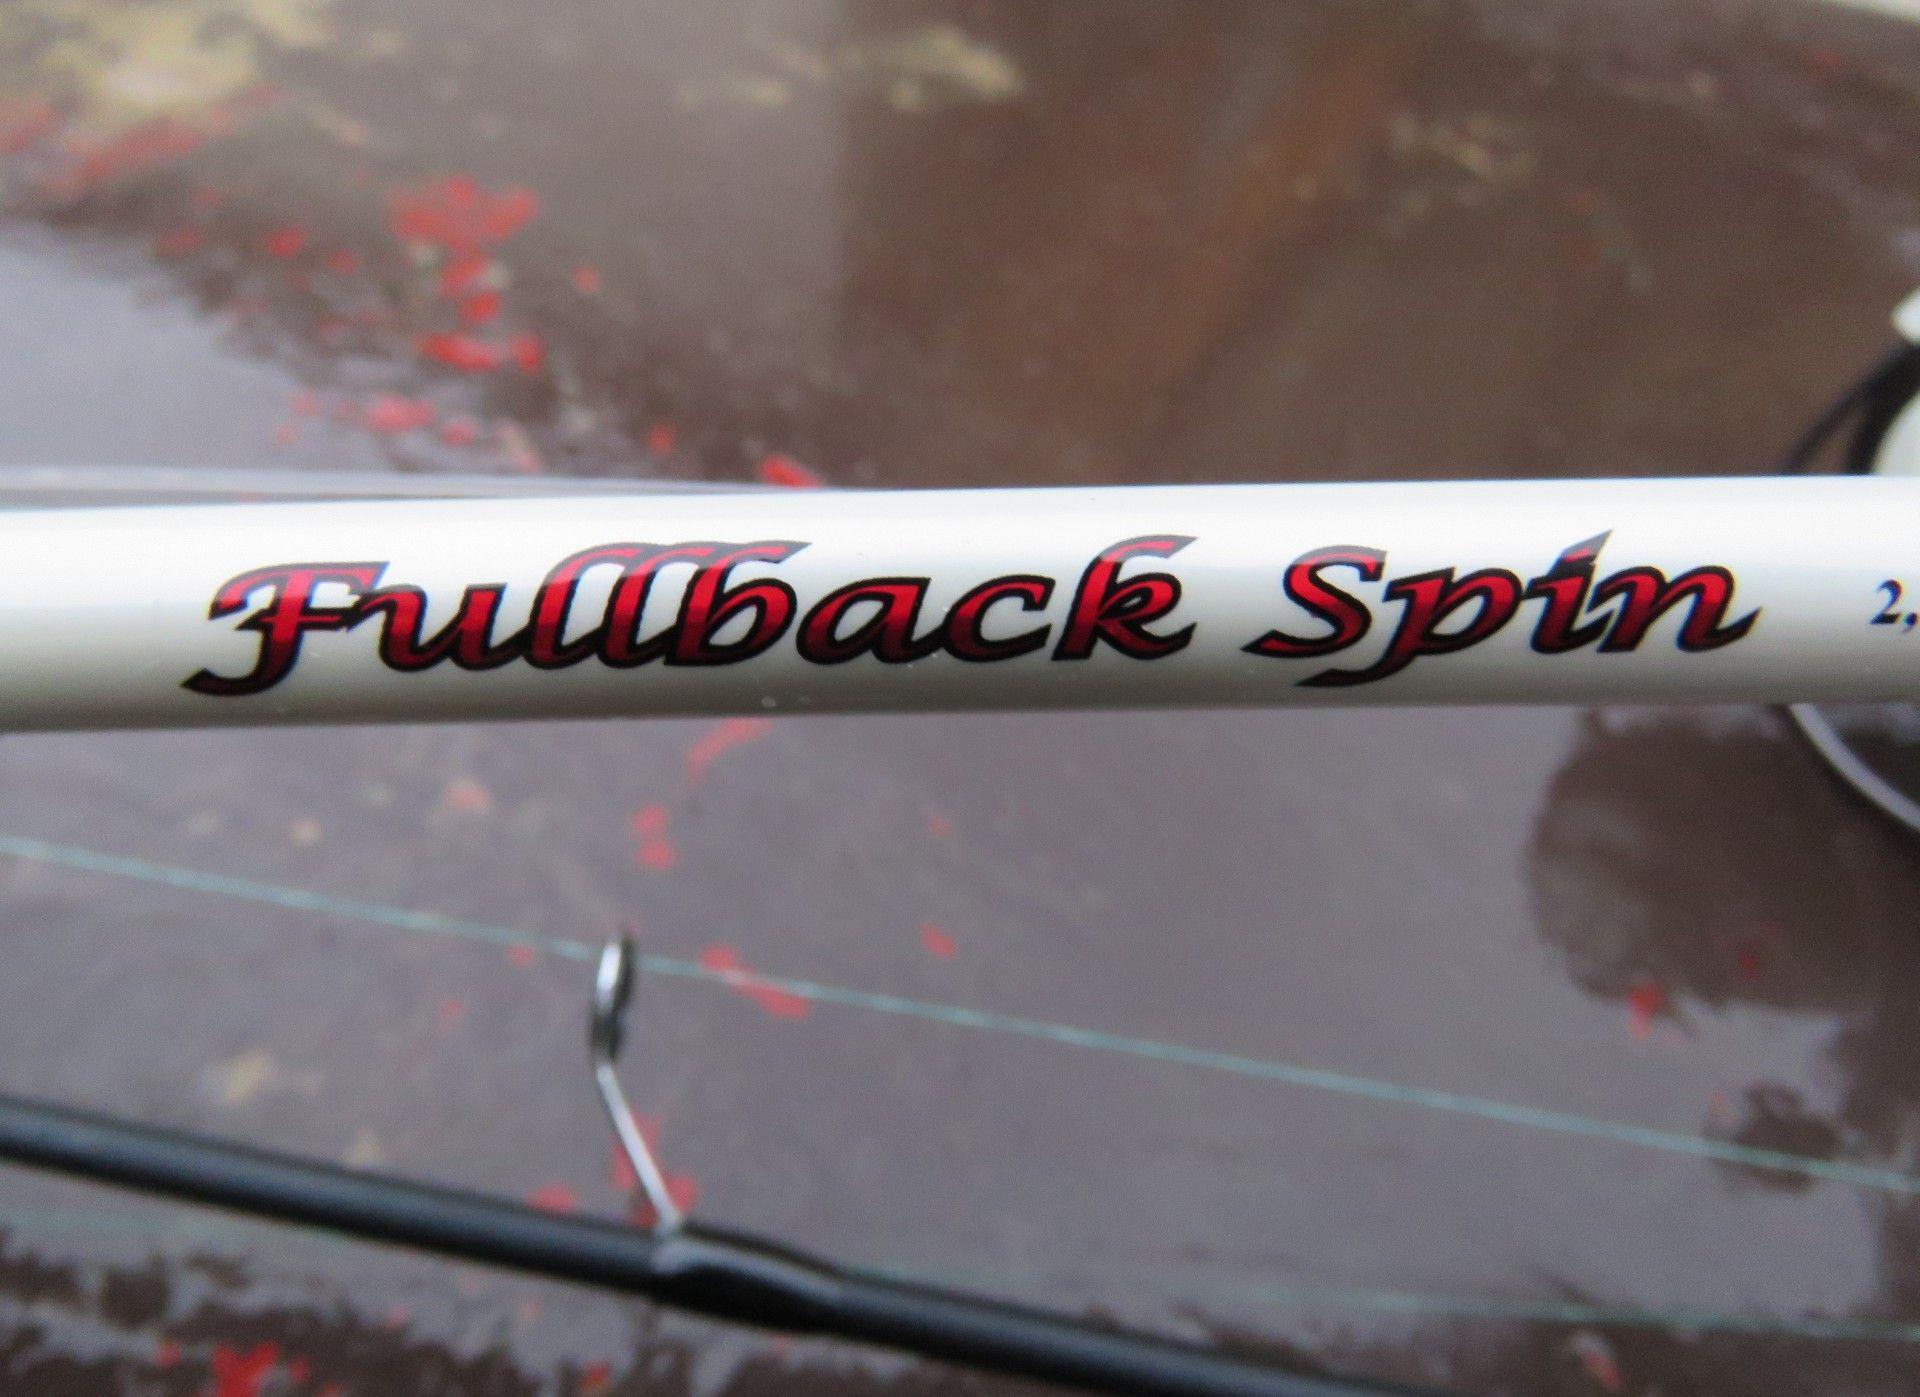 Ezúttal is a Nevis Fullback Spin botokkal készültem